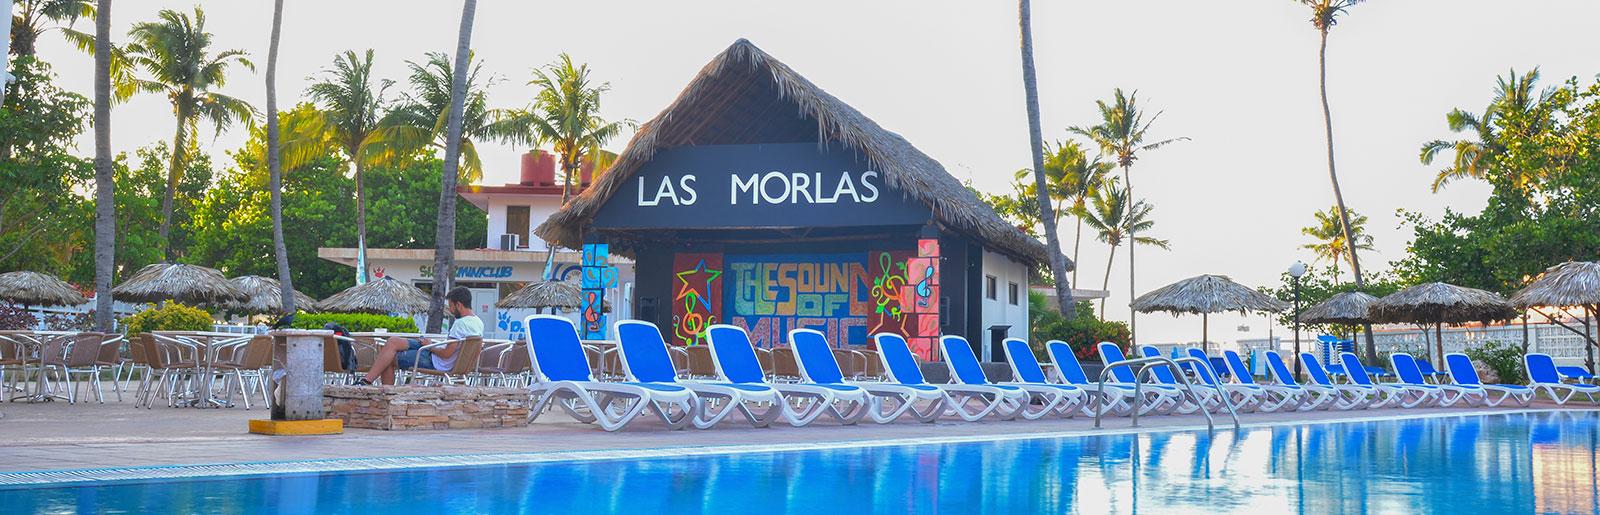 Las_Morlas_1.jpg